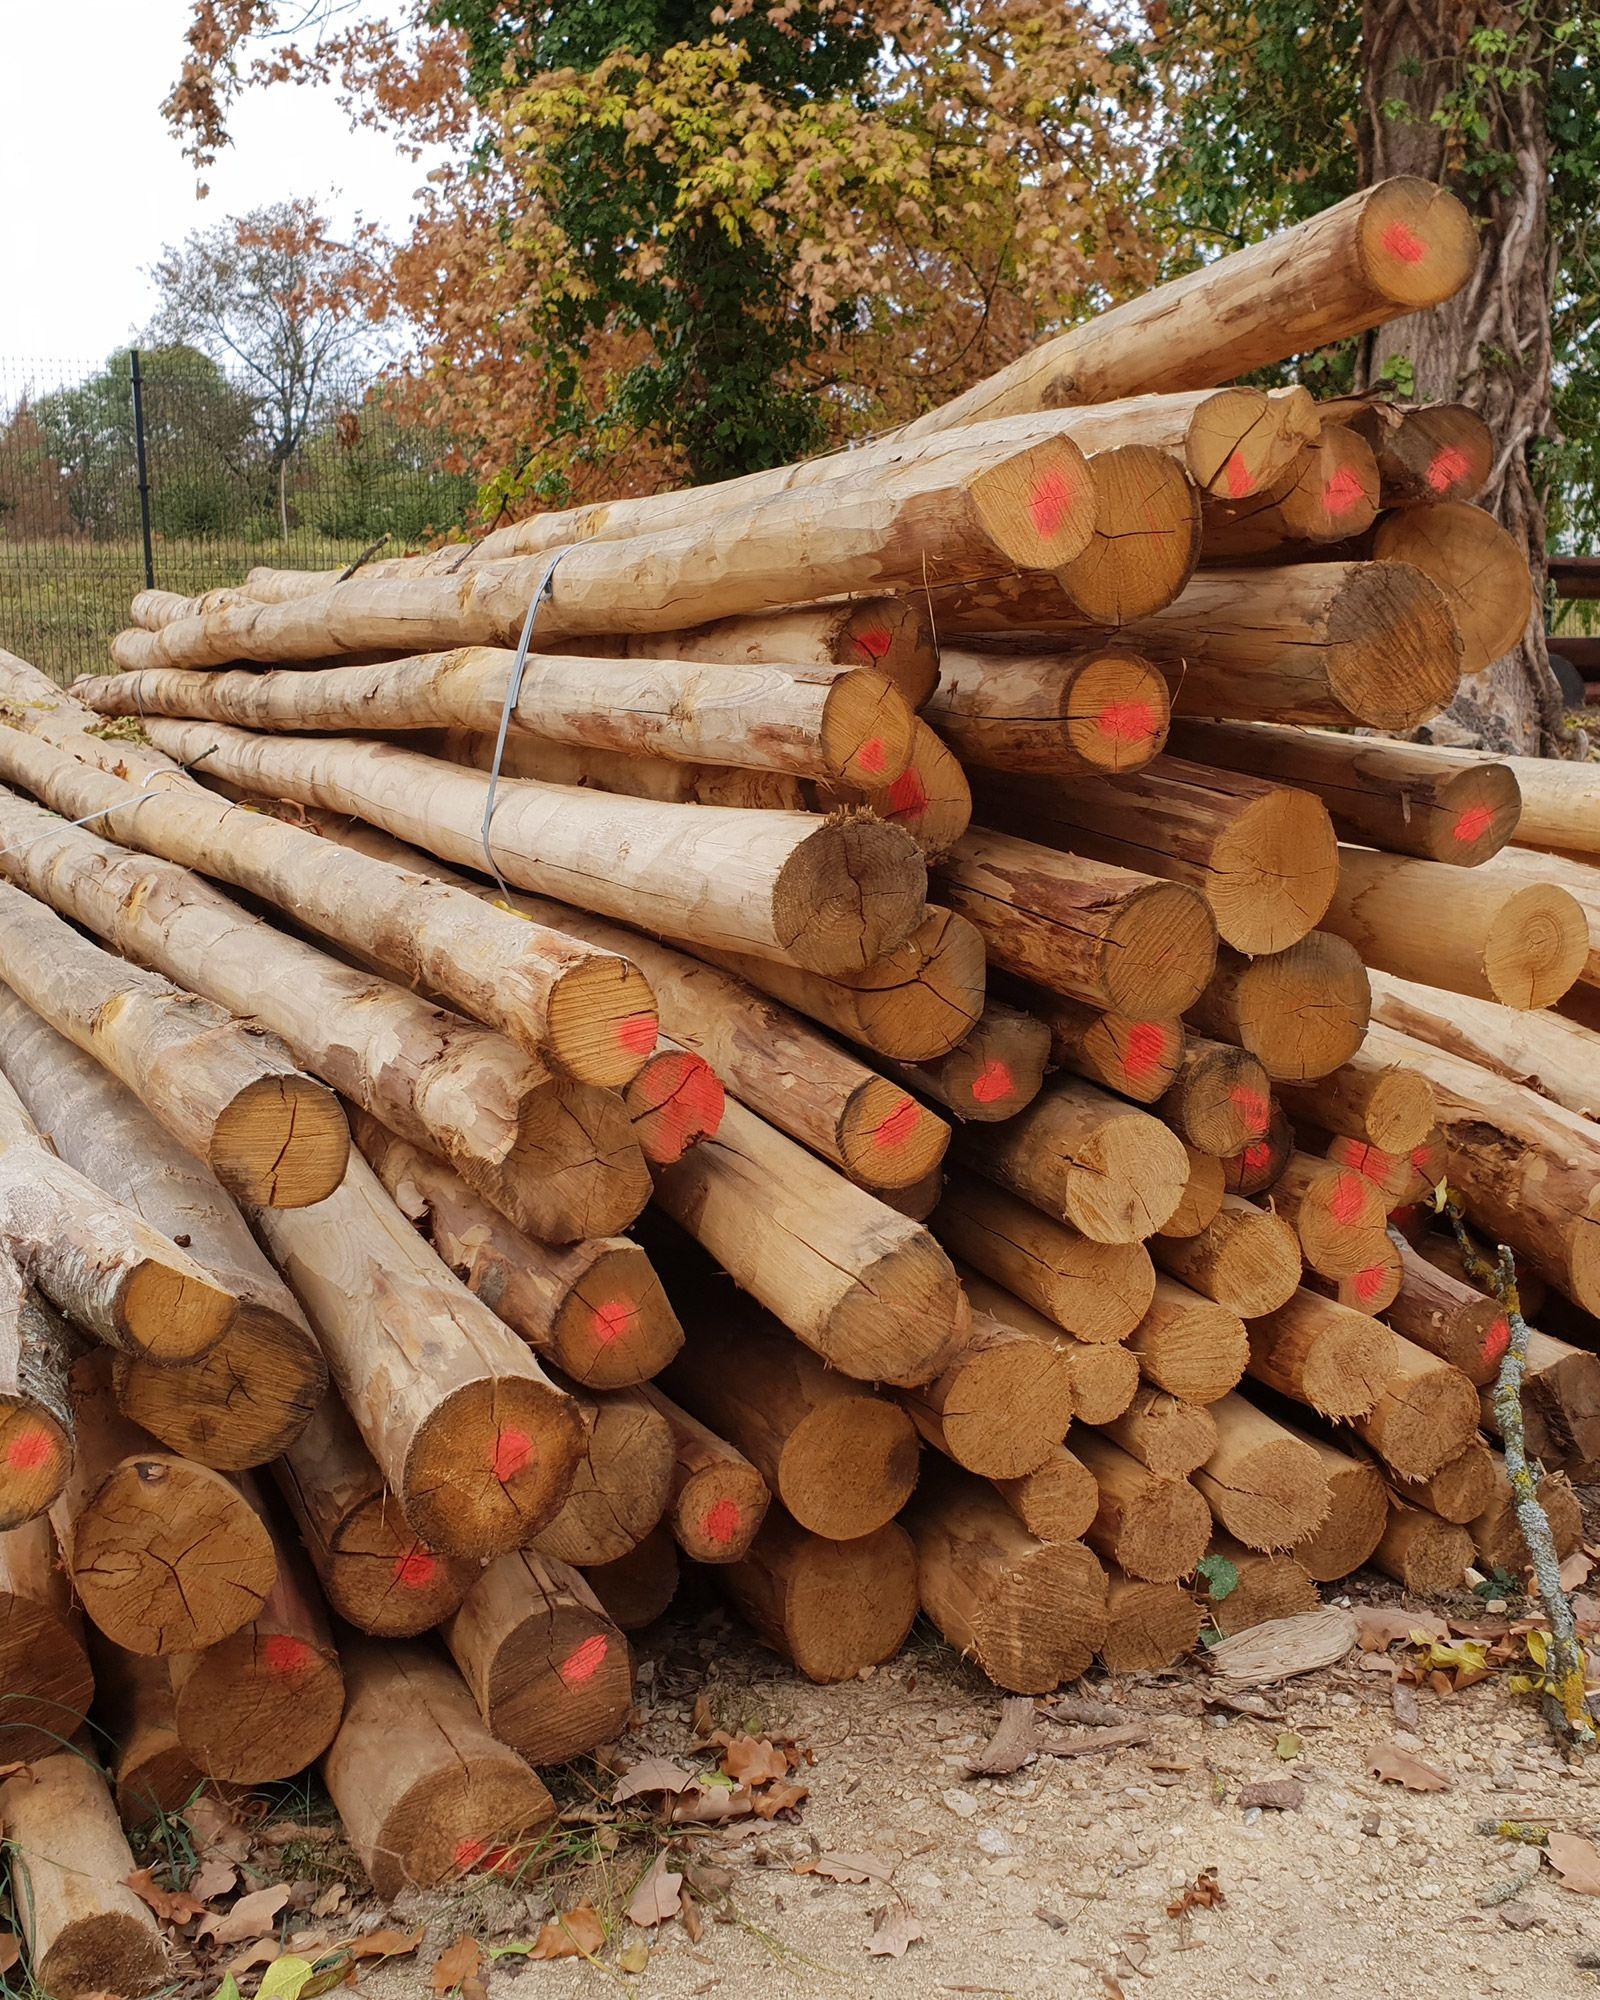 Geliebte Waldprodukte &FW_81